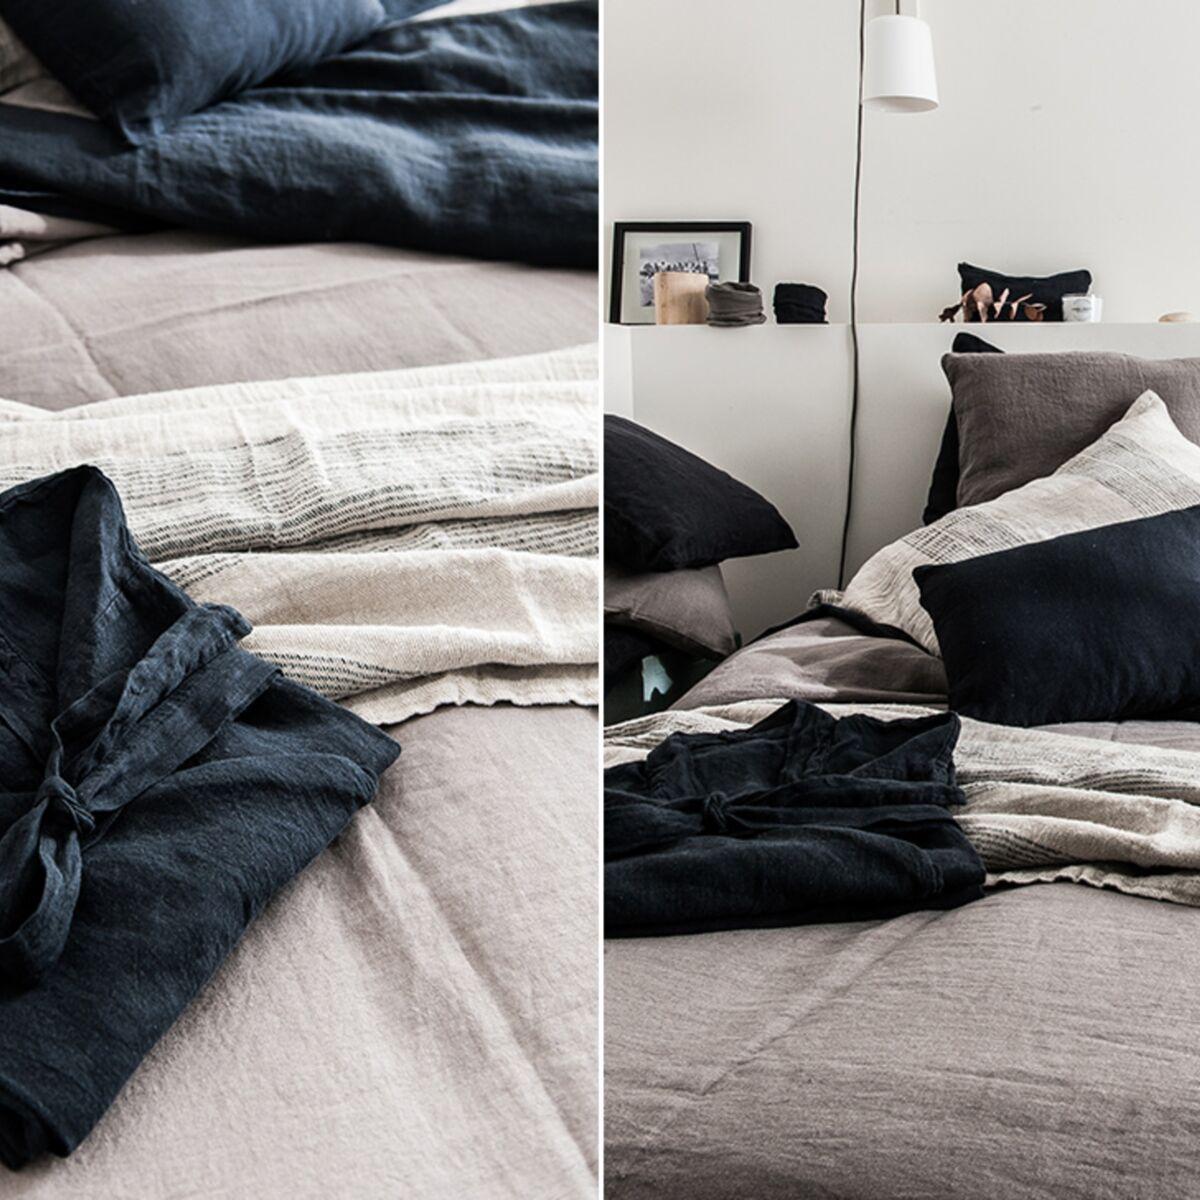 Lave Linge Couleur Gris 4 choses à savoir pour bien laver son linge noir : femme